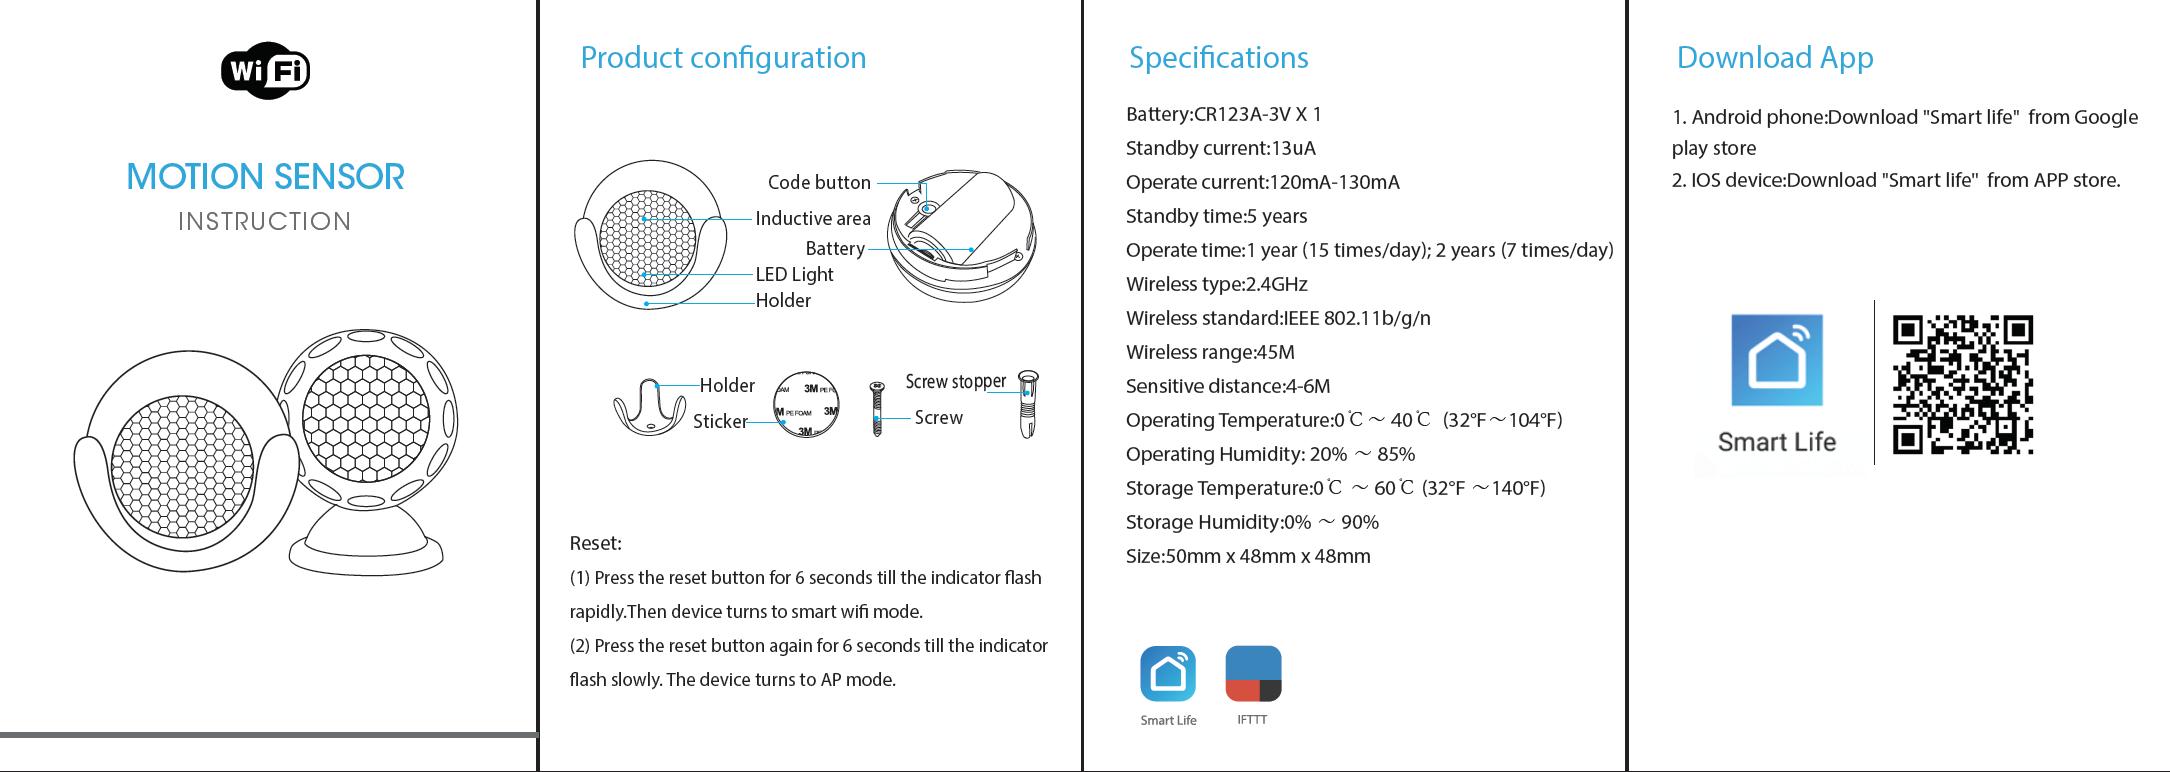 Hướng dẫn sử dụng Cảm biến chuyển động Wifi thông minh Tuya